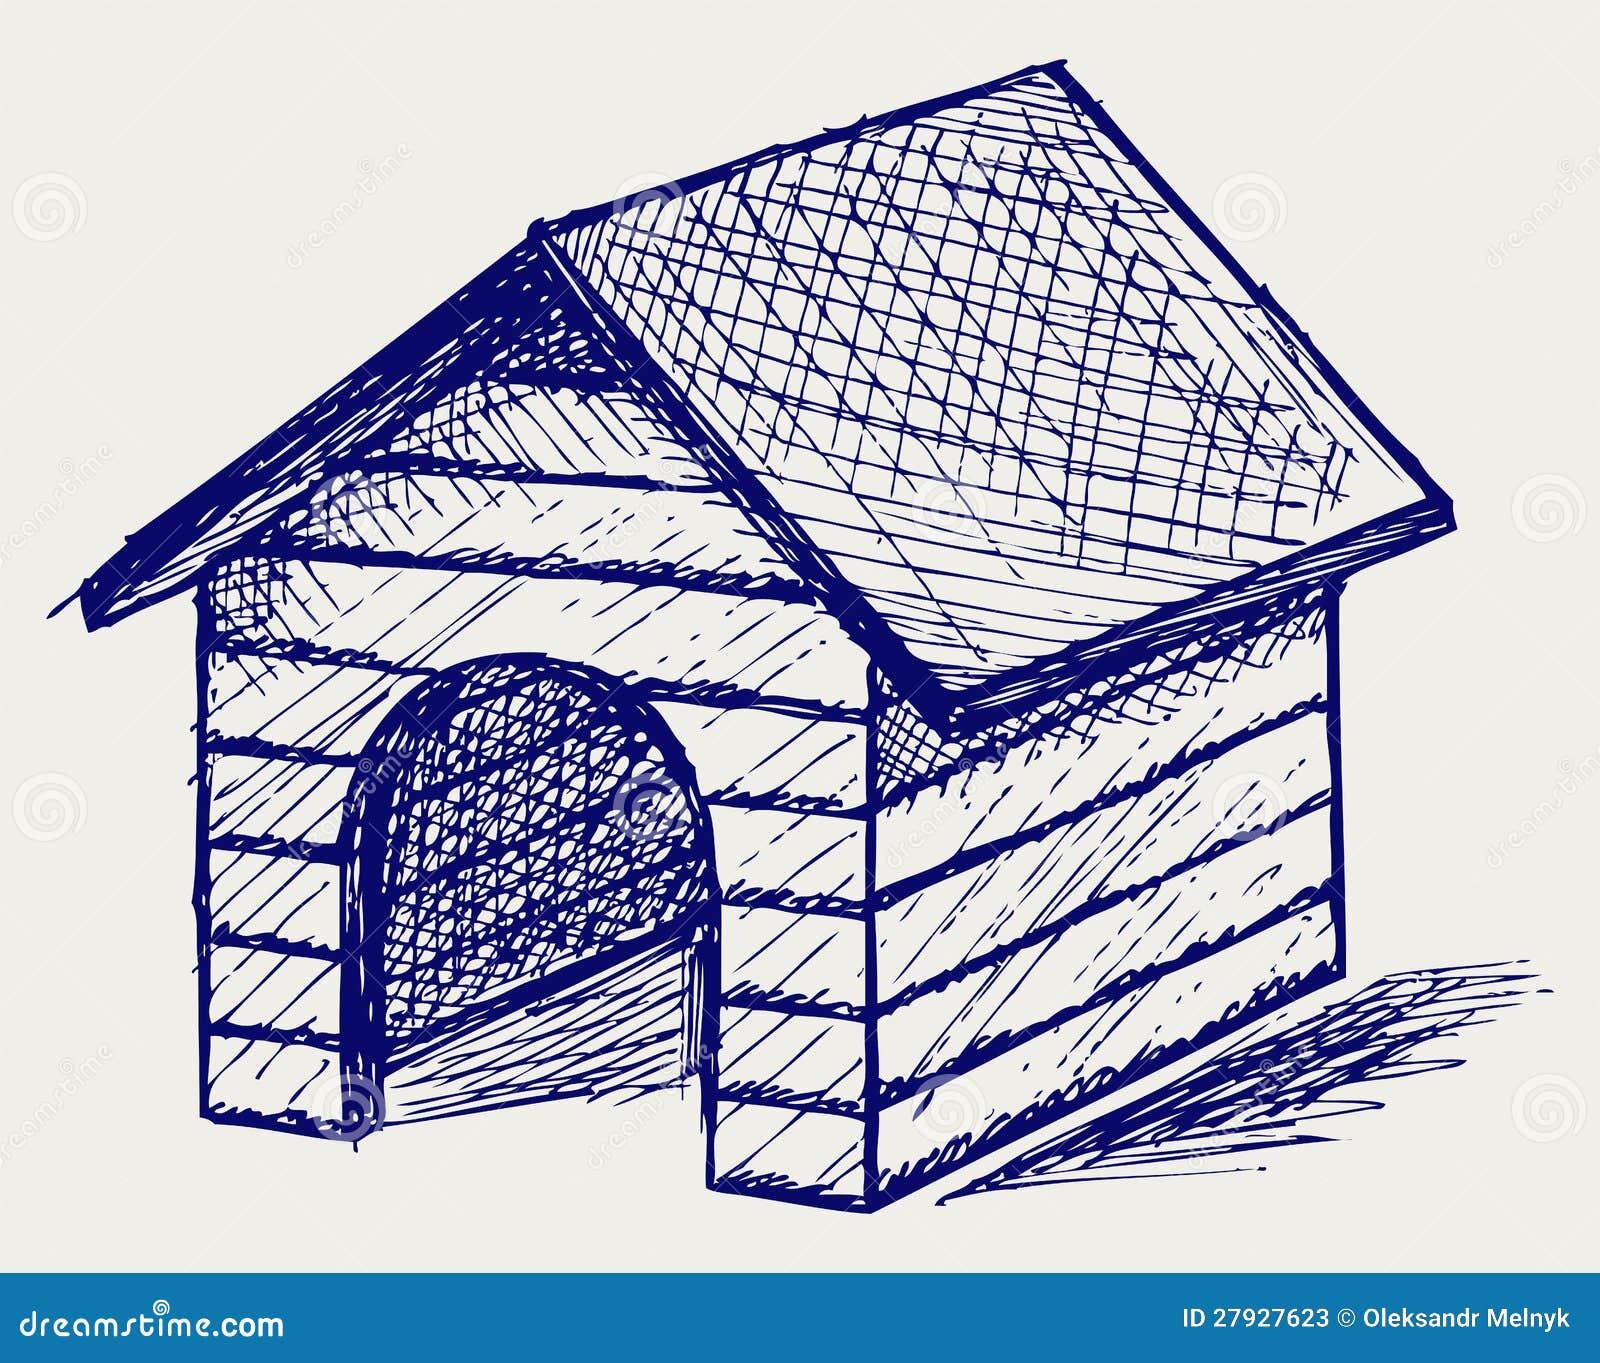 Dog House Doodle Style Stock Photos Image 27927623